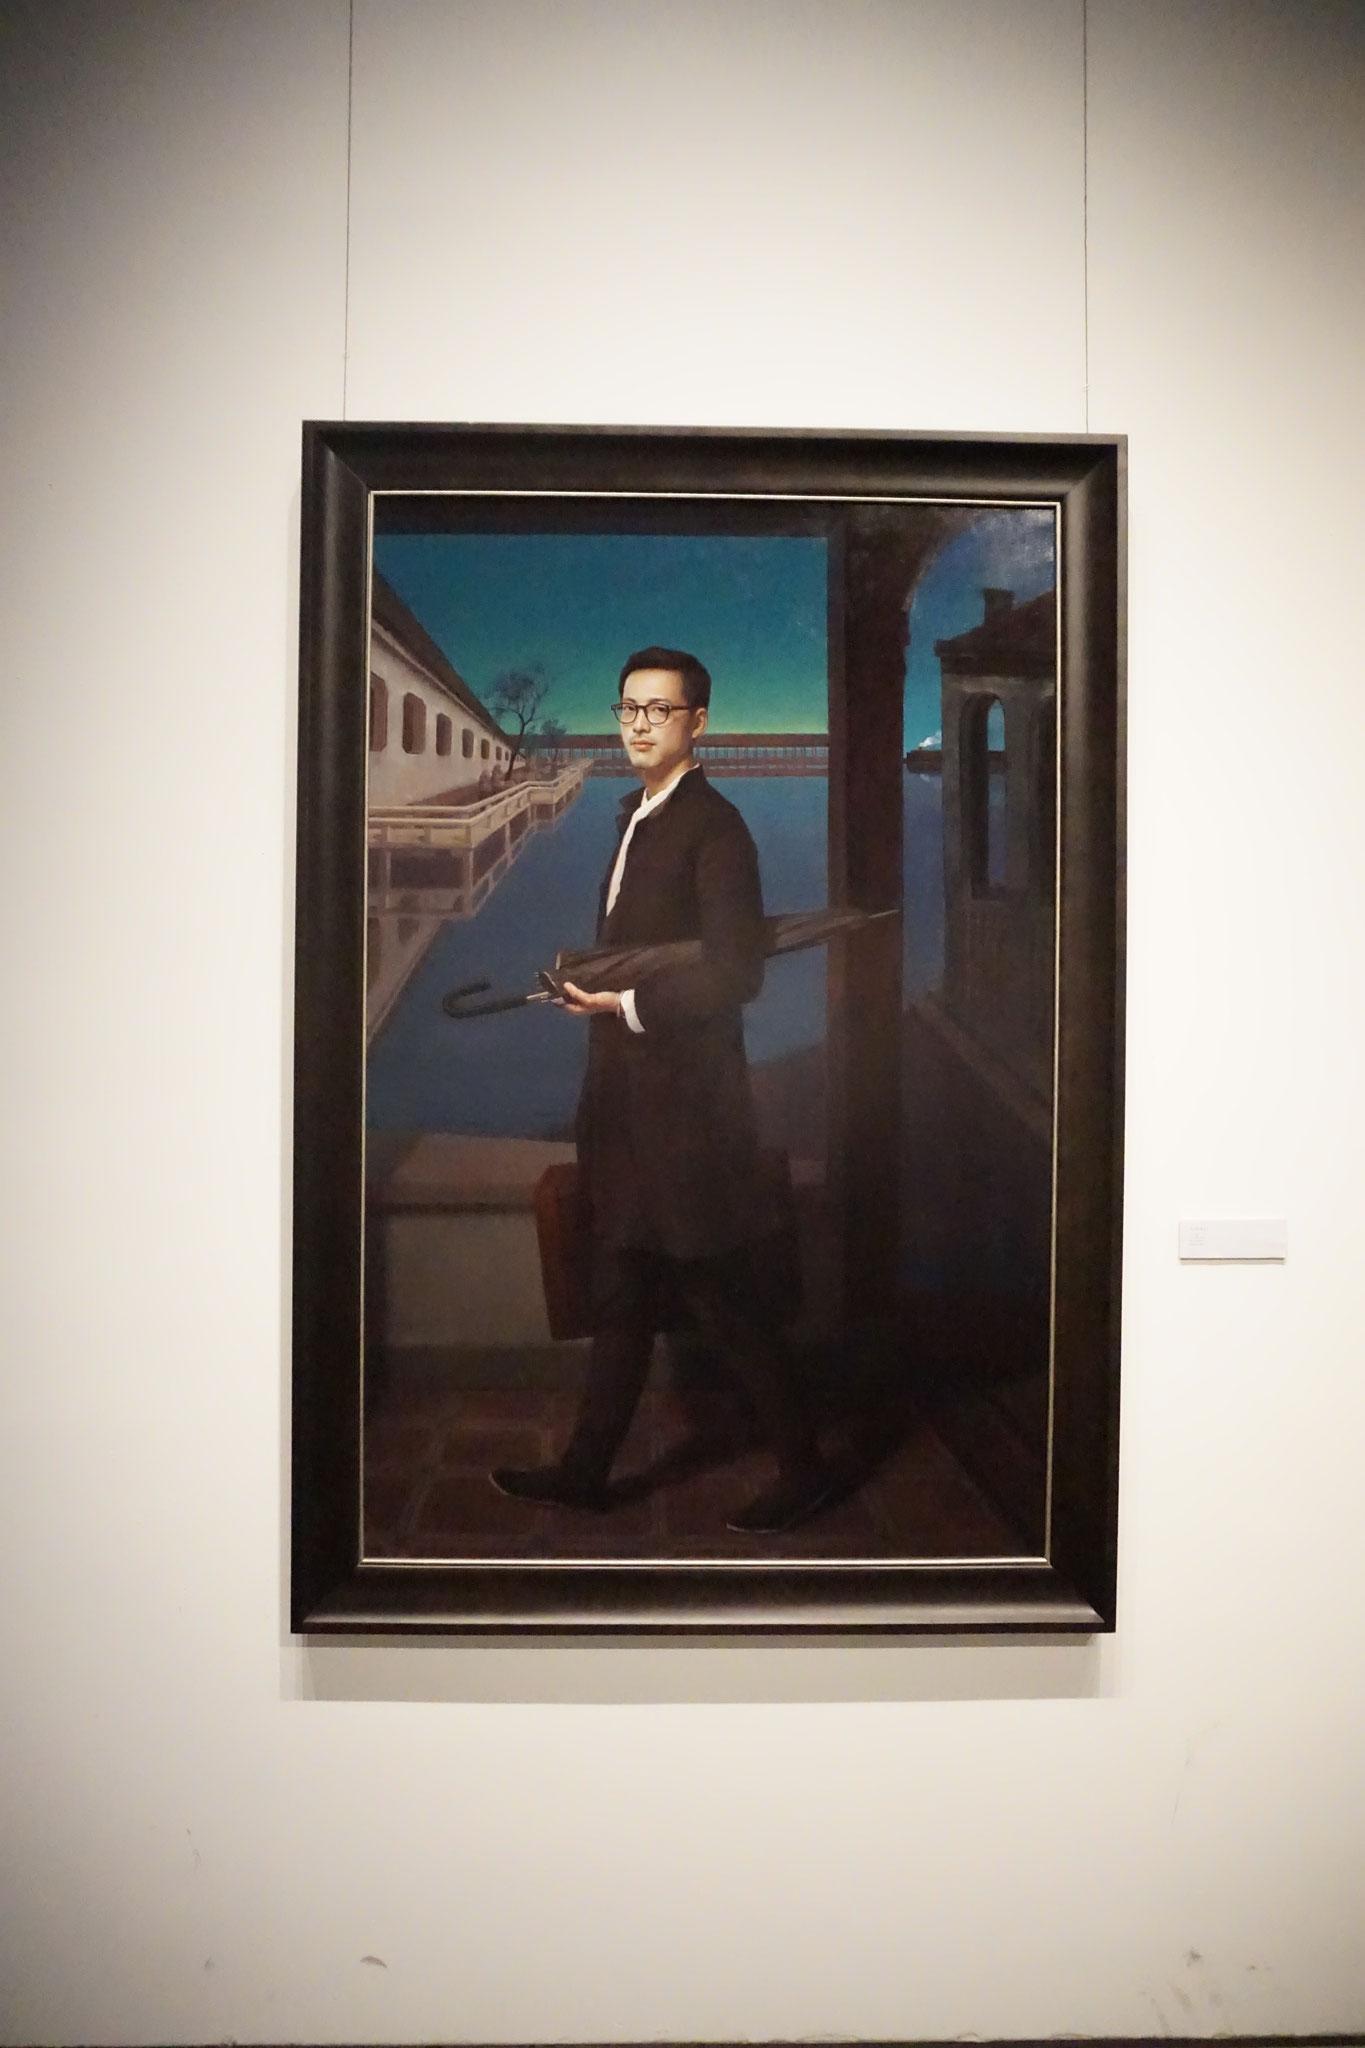 Malerei aus einer Ausstellung in Ningbo